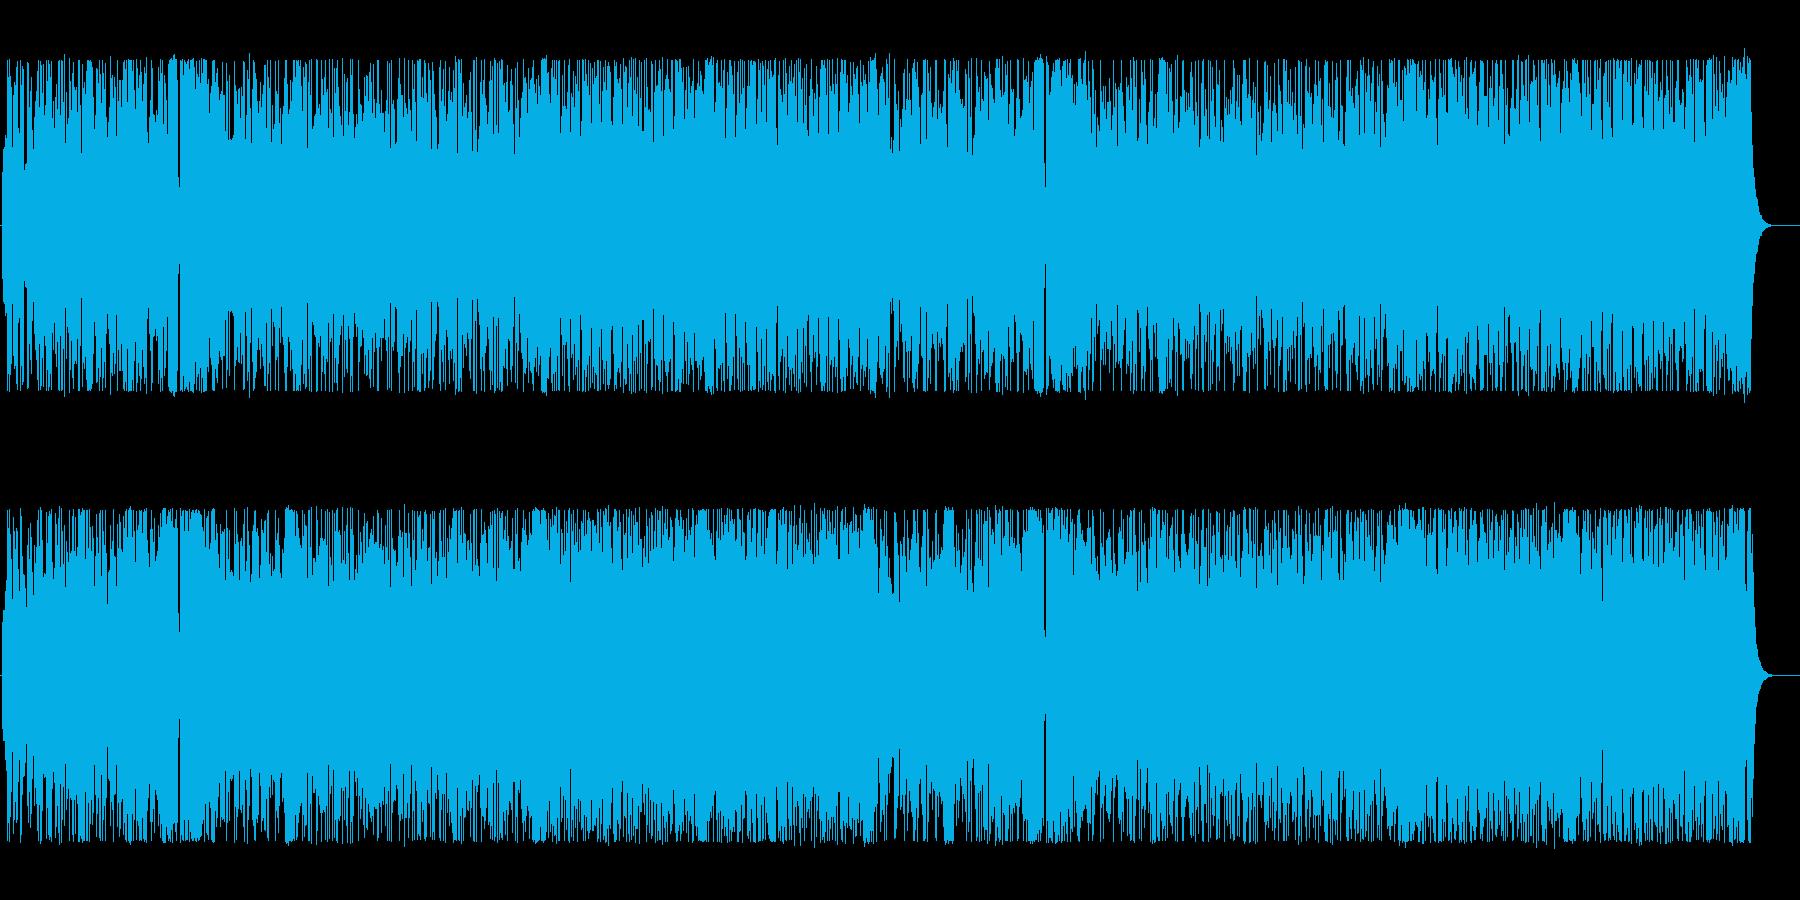 のびやかな明るいポップなBGMの再生済みの波形